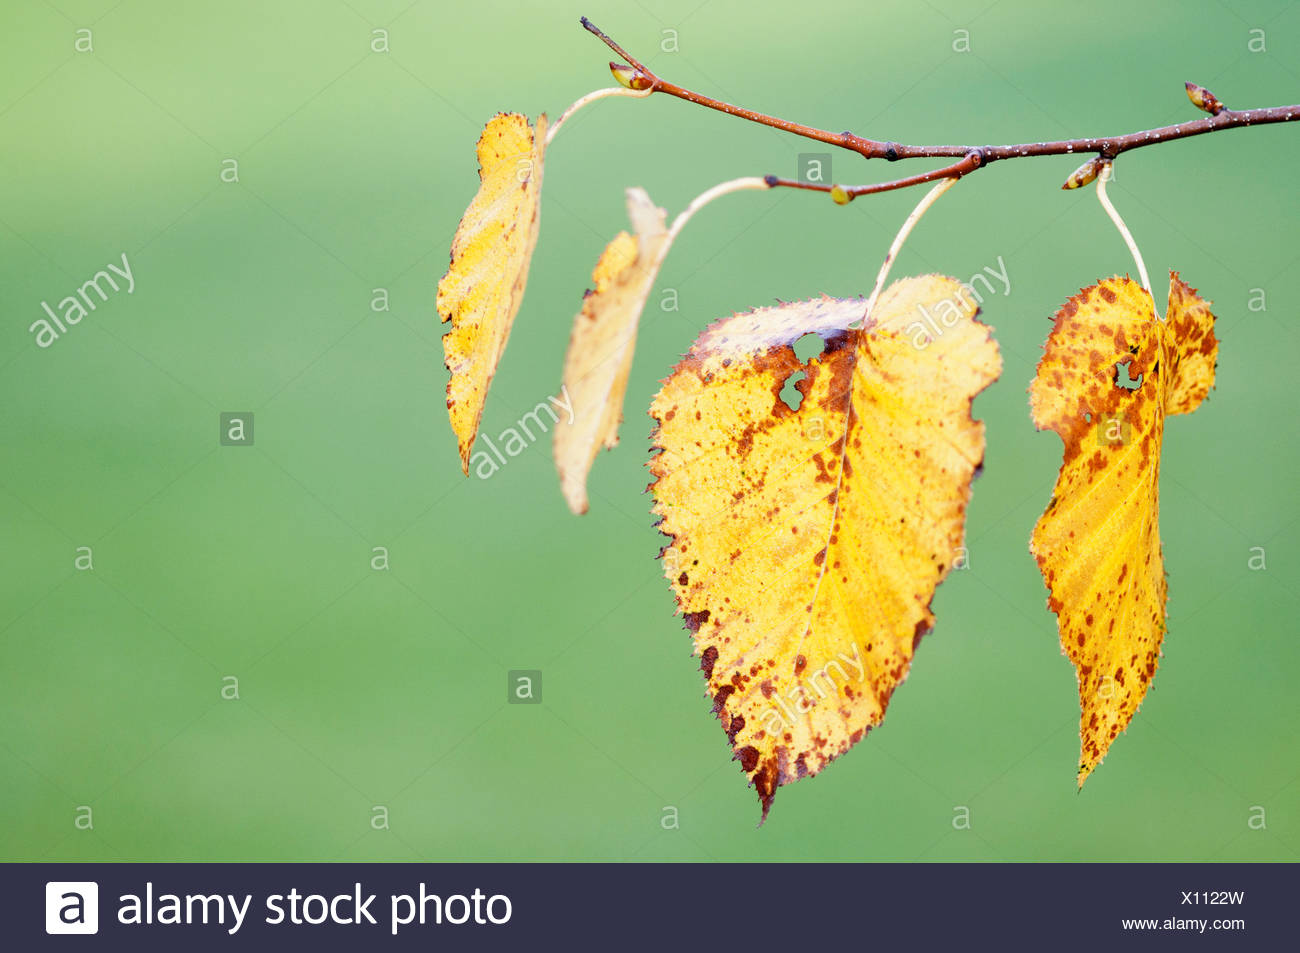 Betula pendula, Birch, Silver birch, Yellow, Green. - Stock Image